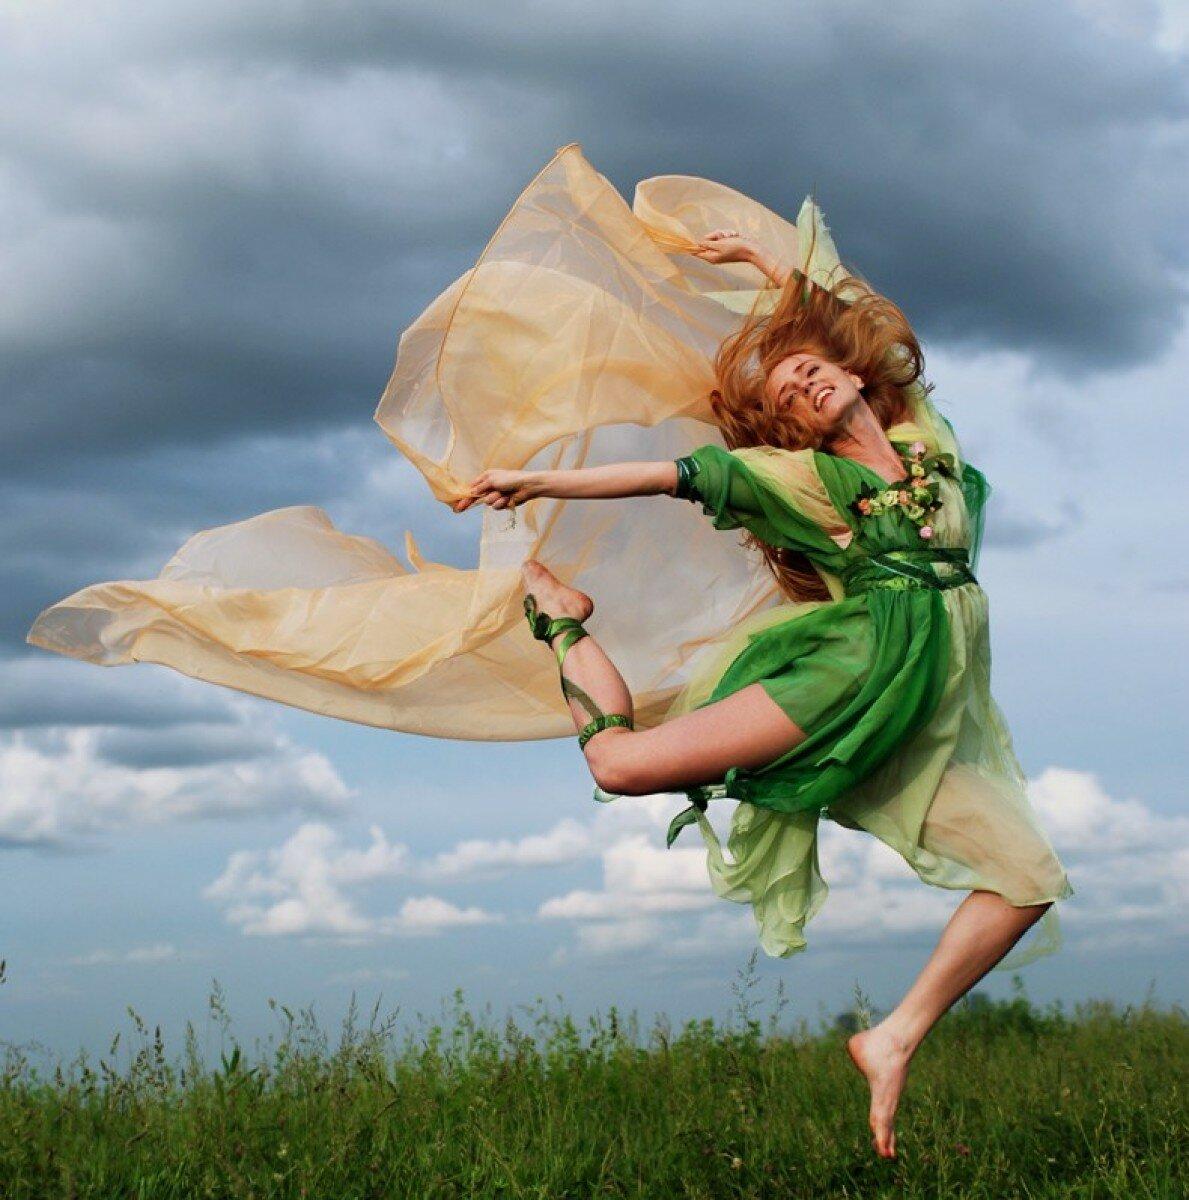 Танец это жизнь картинка